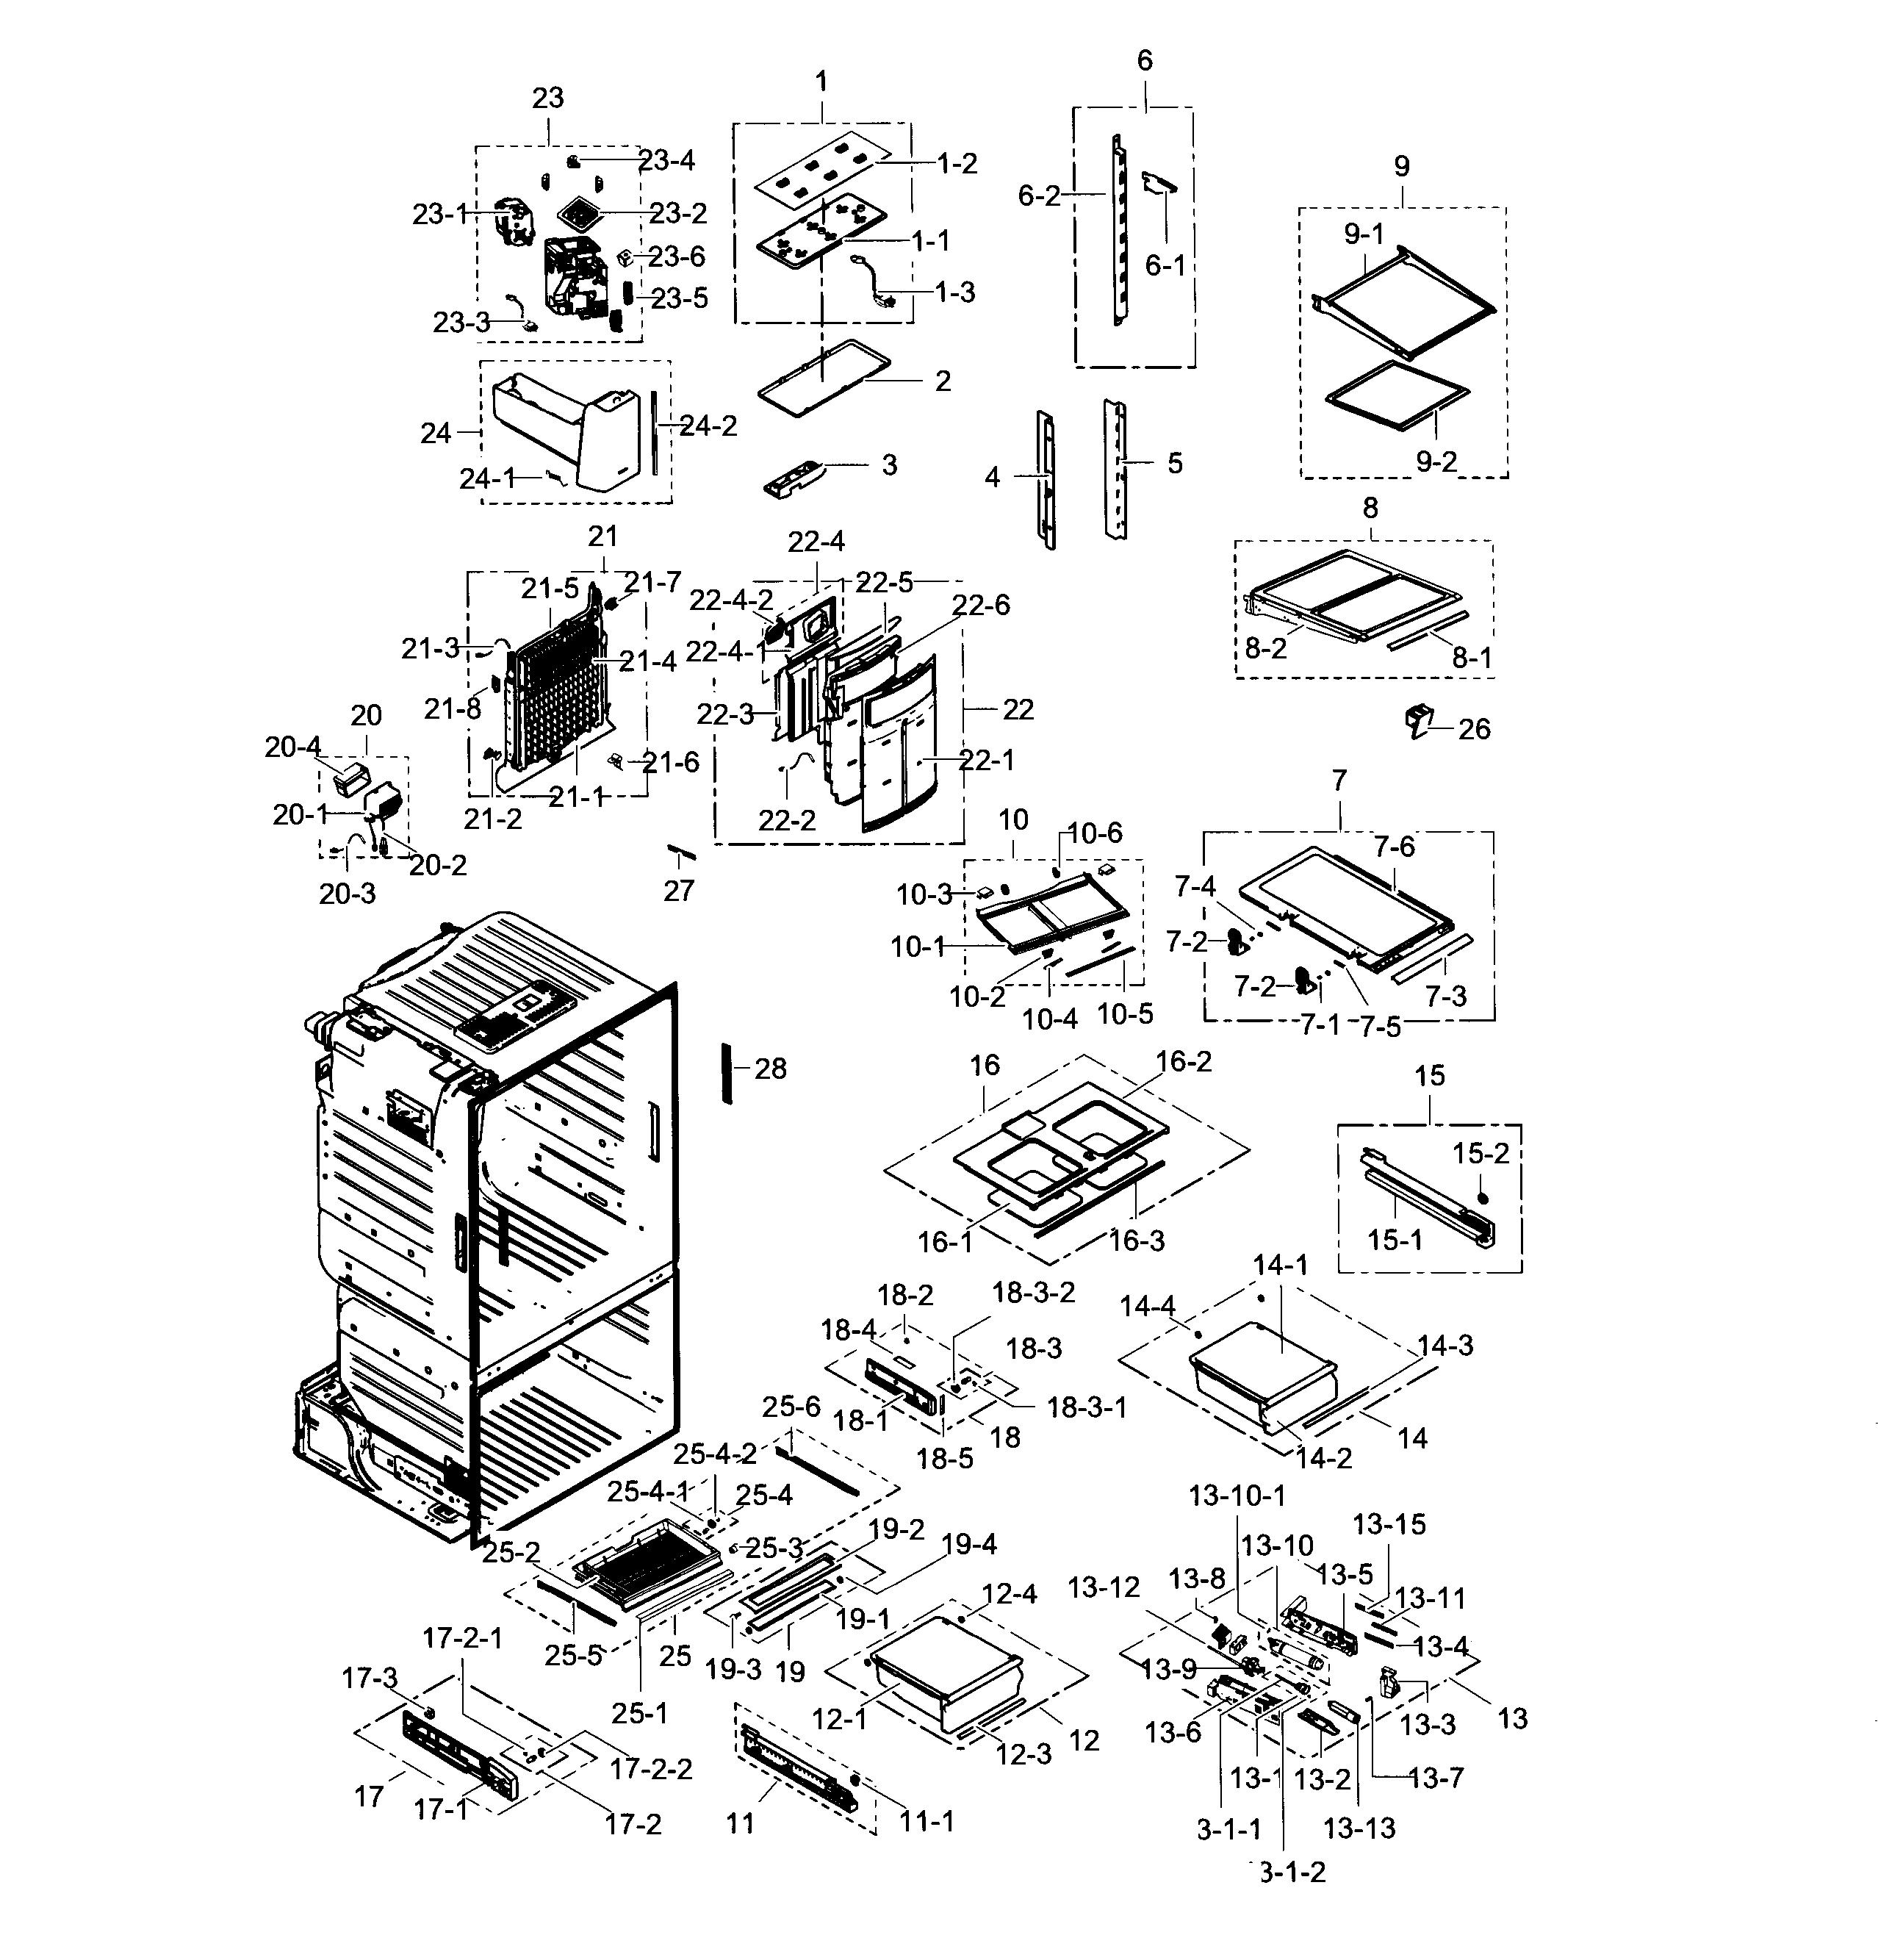 Samsung Rf265abwp Wiring Schematic -Saturn L200 Fuse Box | Begeboy Wiring  Diagram Source | Wiring Samsung Diagram Refrigerator Rb217a |  | Begeboy Wiring Diagram Source